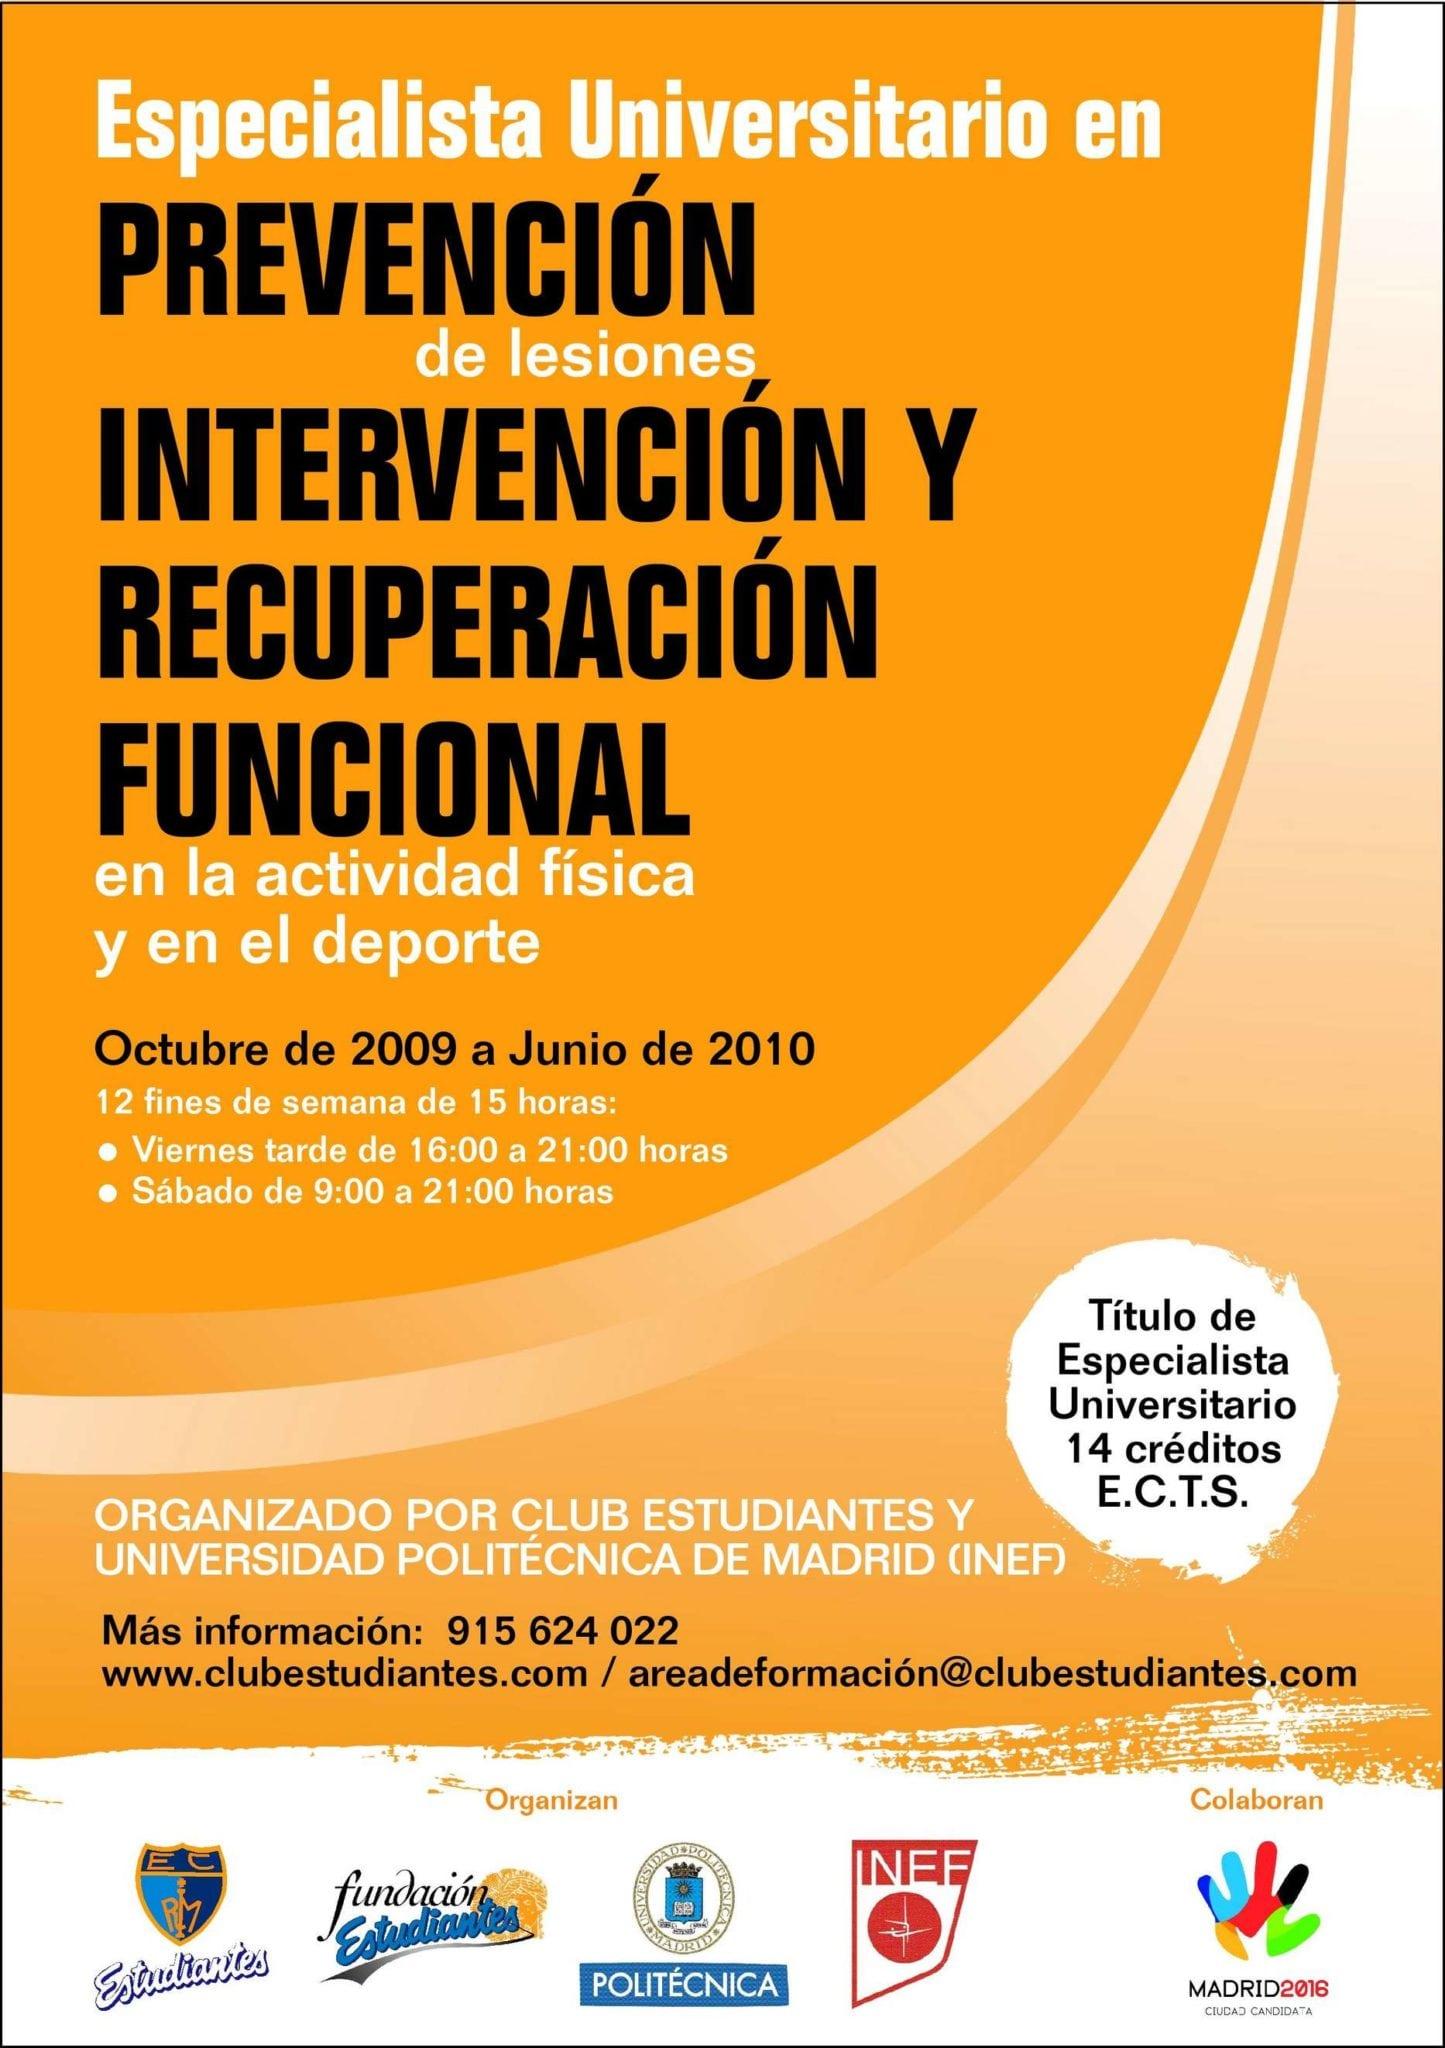 Empiezan las clases del Título de Especialista Universitario en prevención de lesiones